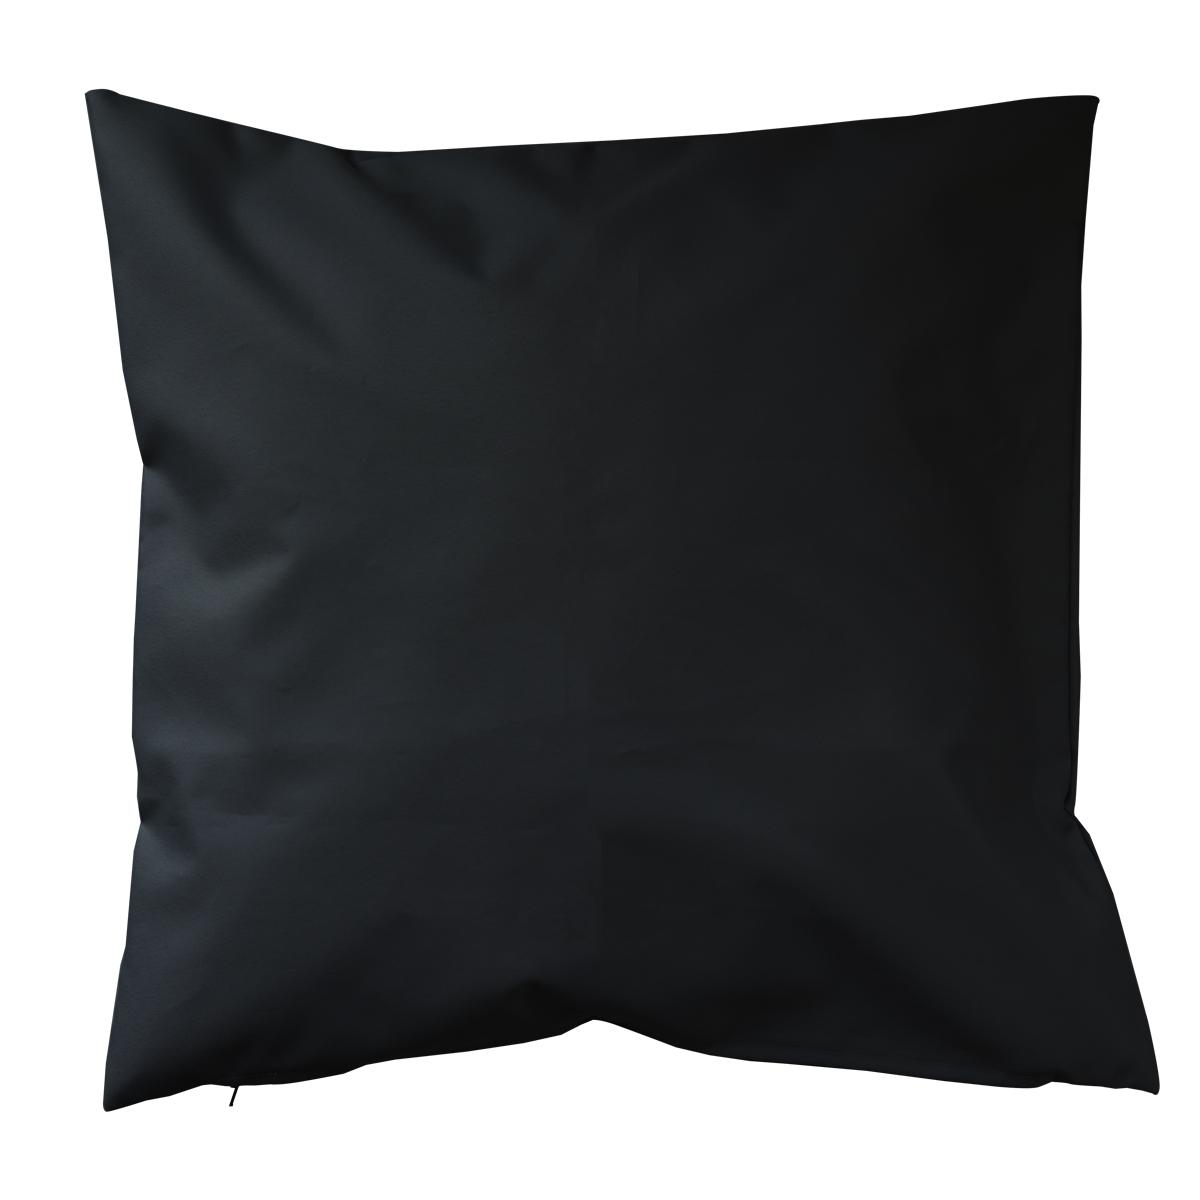 Housse de coussin d'extérieur en tissu outdoor - Noir - 60 x 60cm